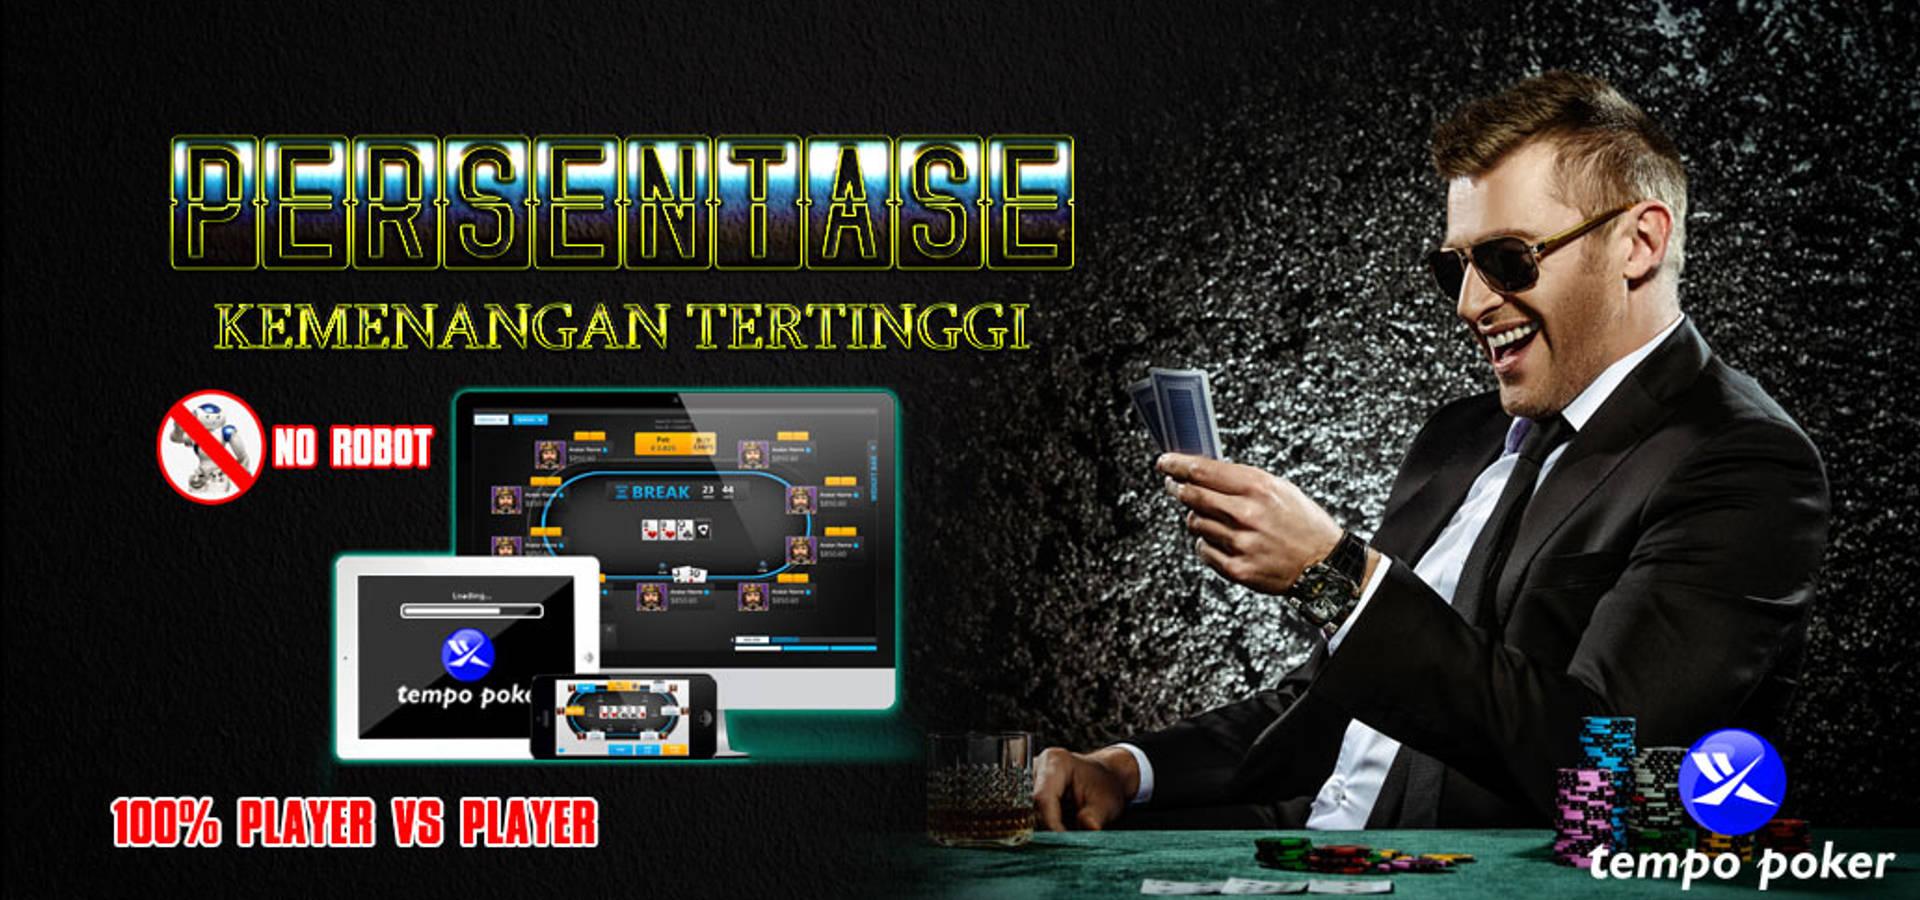 TEMPOPOKER Situs Poker Online Tanpa Potongan Terbaik Dan Terpercaya 2021